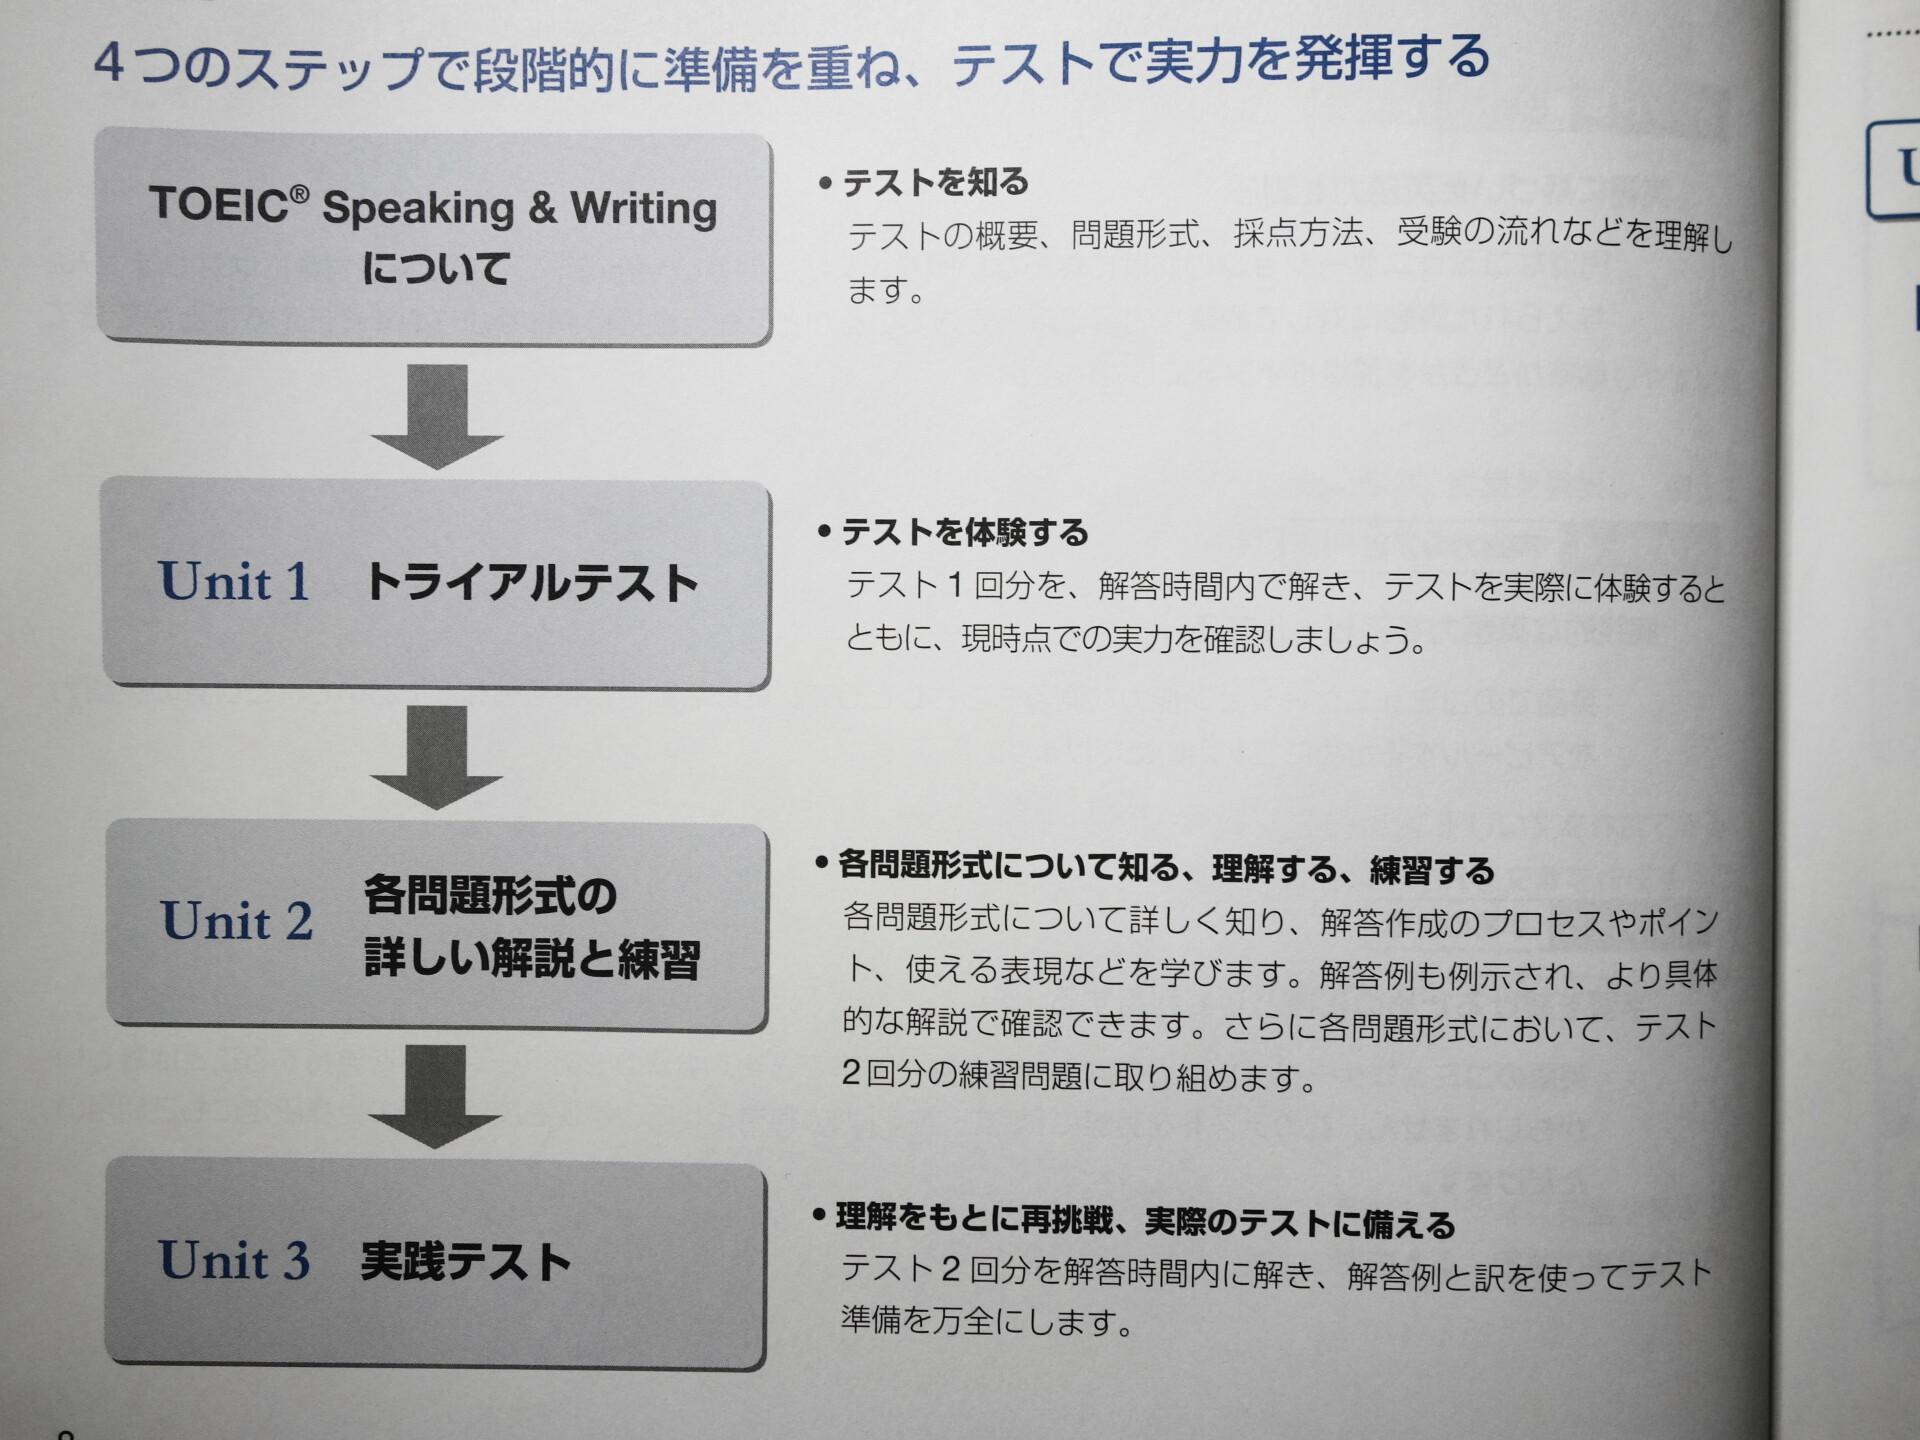 学習手順について